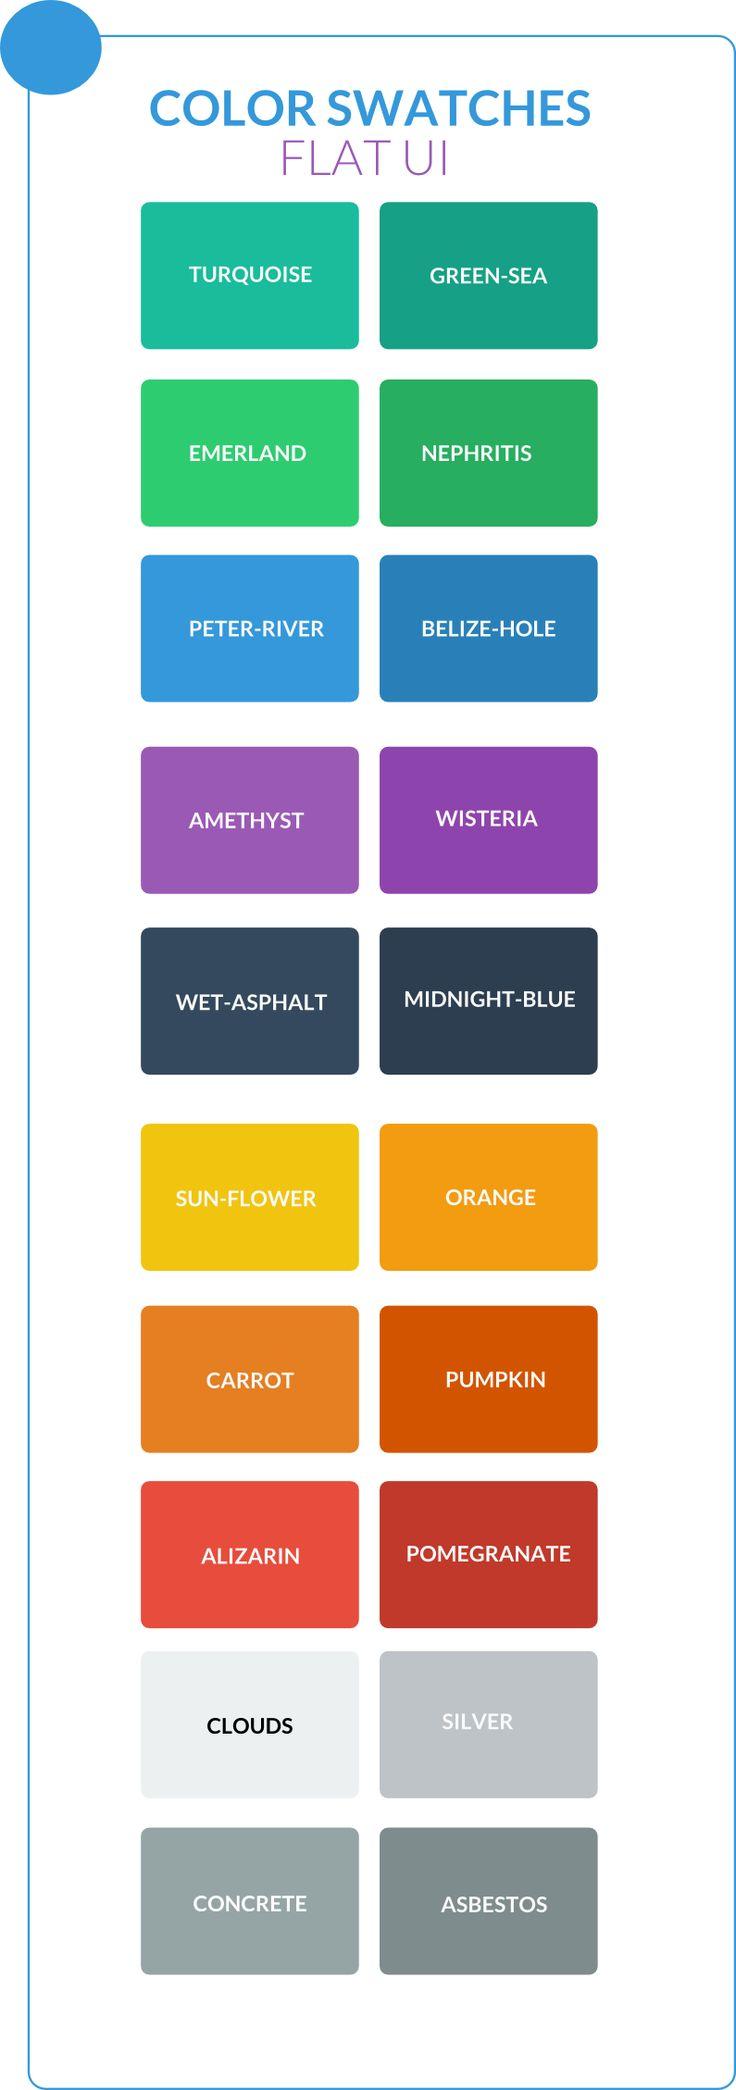 Palette de couleurs pour FLAT DESIGN Réalisés à partir des couleurs proposés par http://designmodo.github.io/Flat-UI/ LESS COLOR @Lisa Stewart: #1ABC9C; @Brandon Green-SEA: #16A085; @EMERLAND: #2ECC71; @NEPHRITIS: #27AE60; @Peter Thomas-RIVER: #3498DB;  more here => https://www.facebook.com/lordferadesign/posts/554265641283082